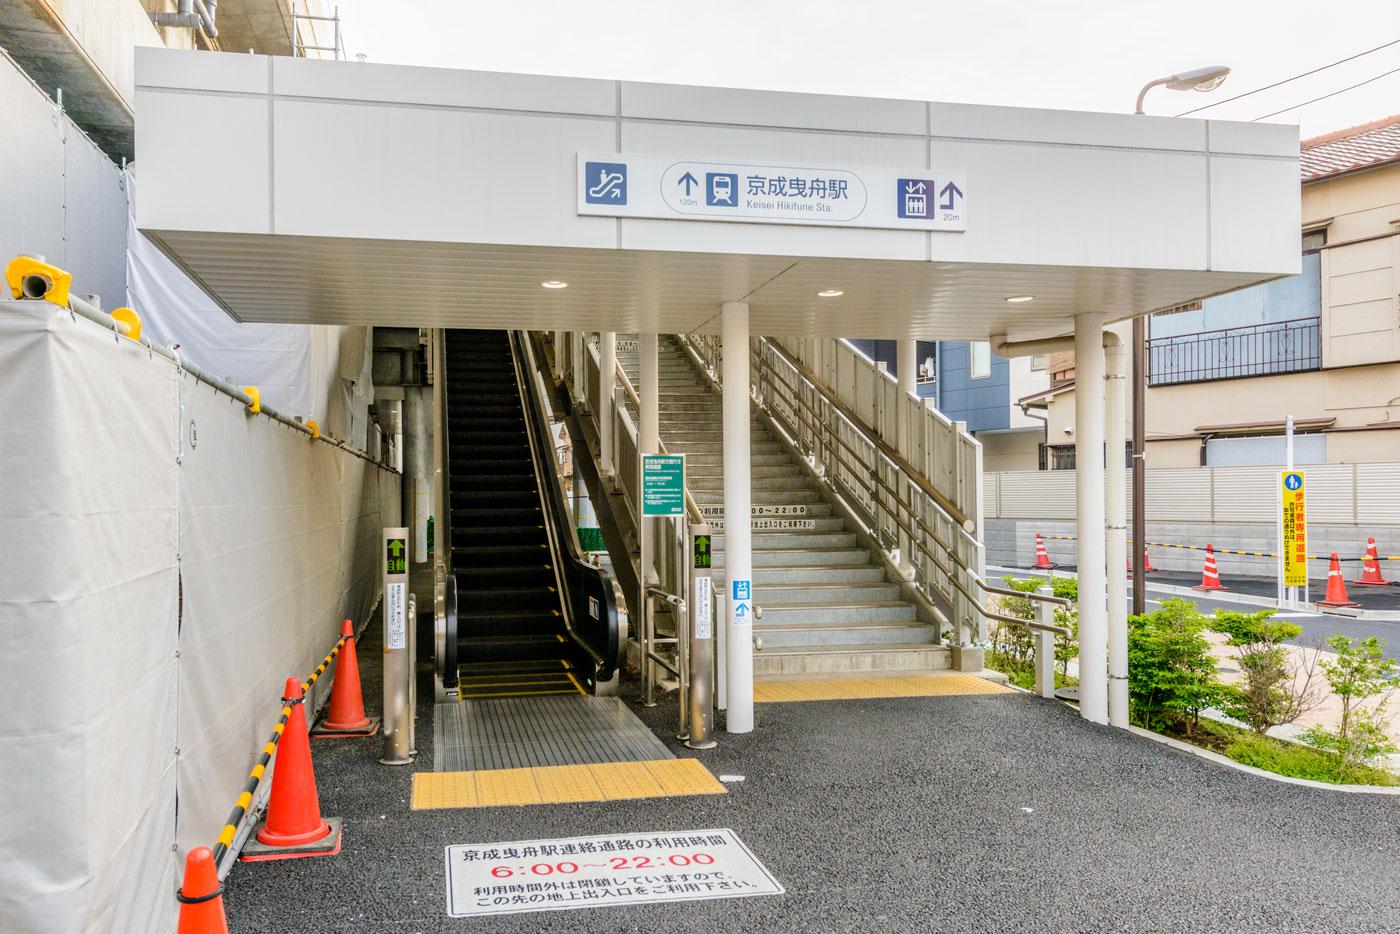 「京成曳舟」駅3(現地側) 左奥にエレベータもあります